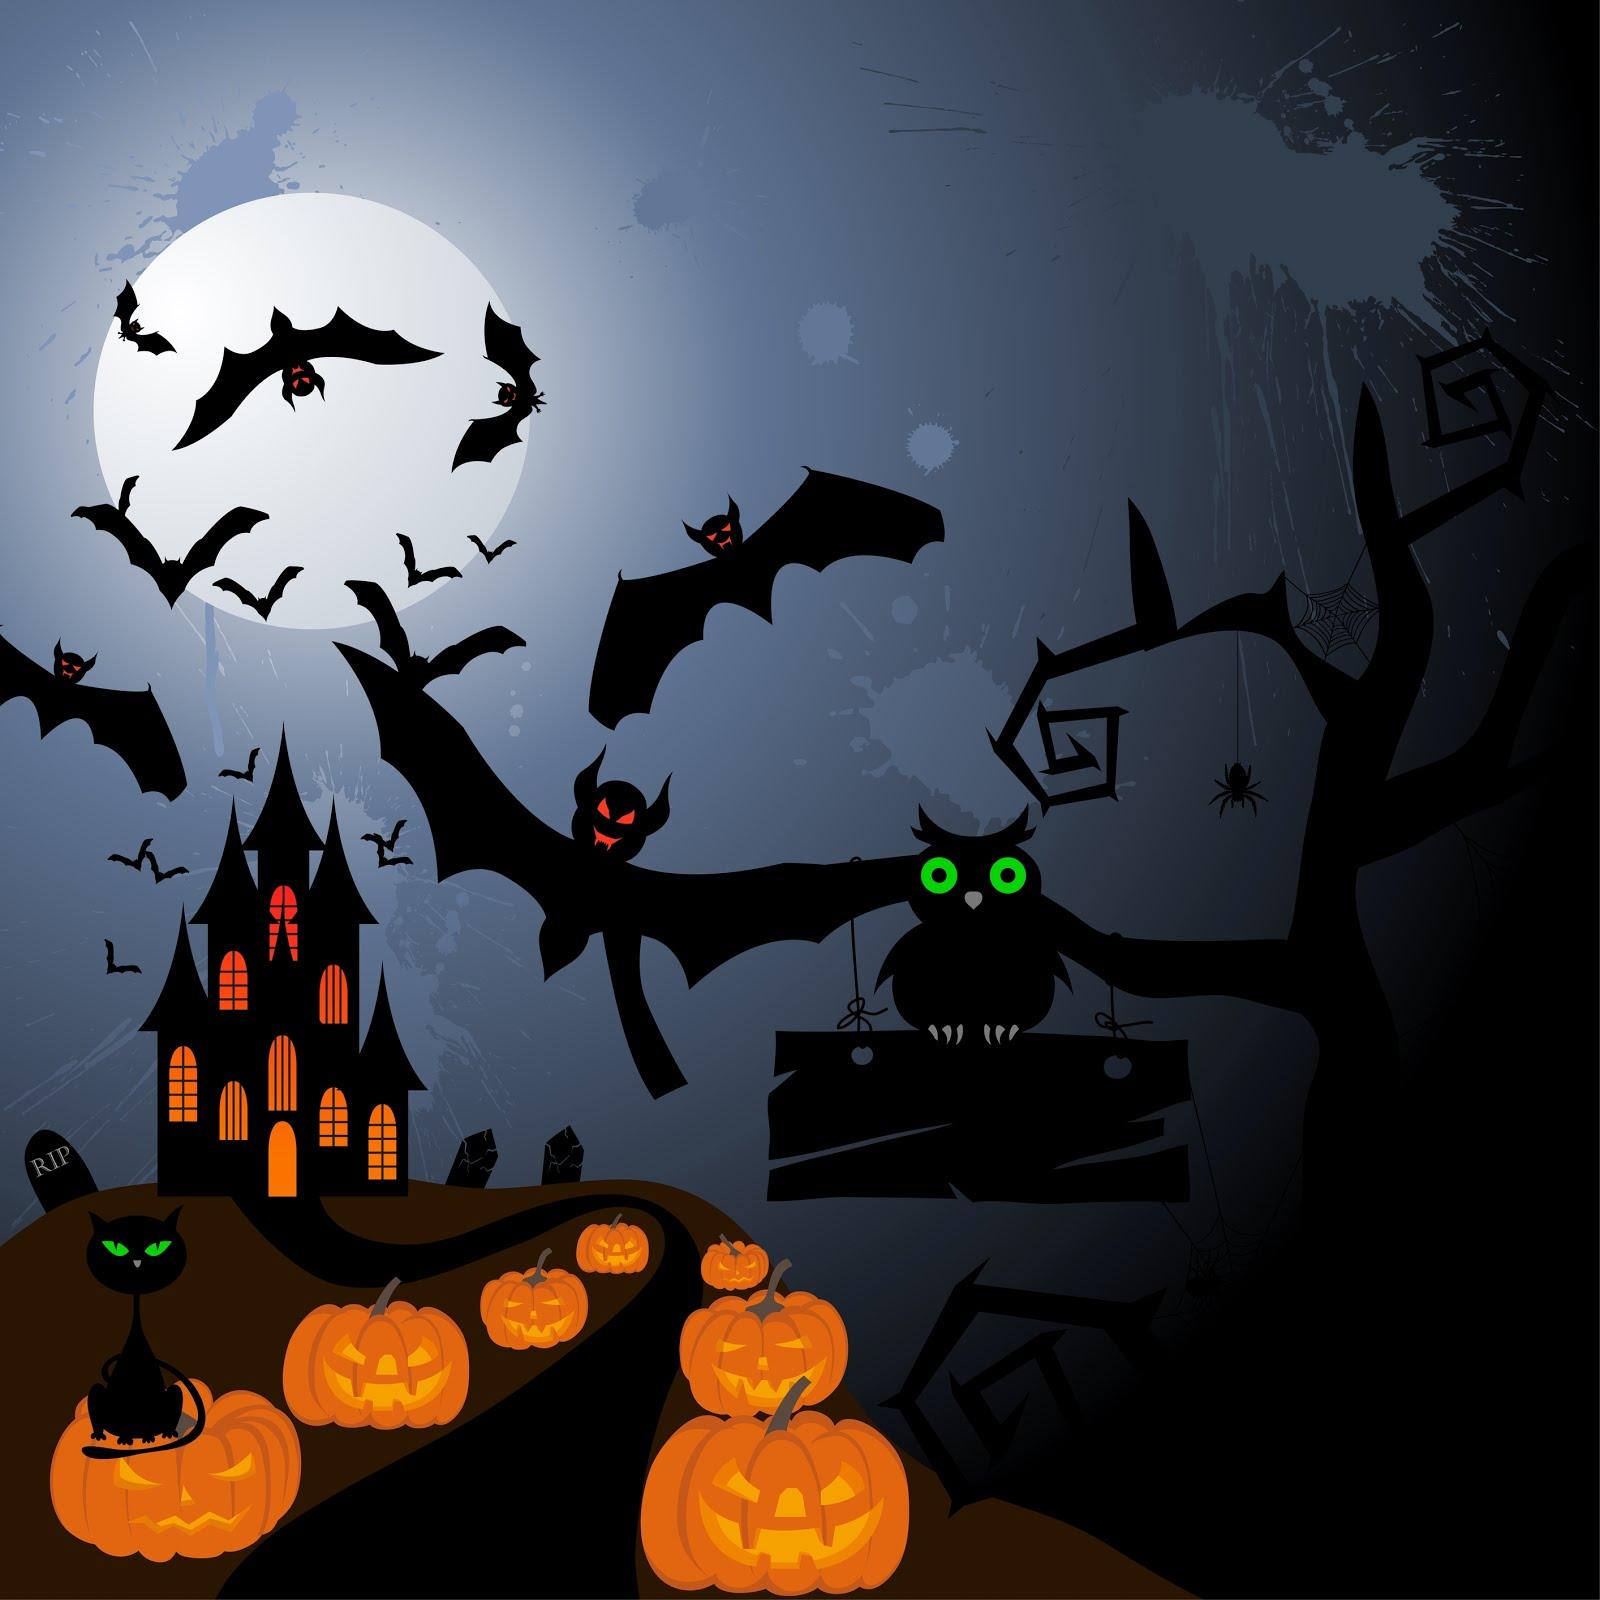 Banco de im genes para ver disfrutar y compartir 34 - Imagenes de halloween ...